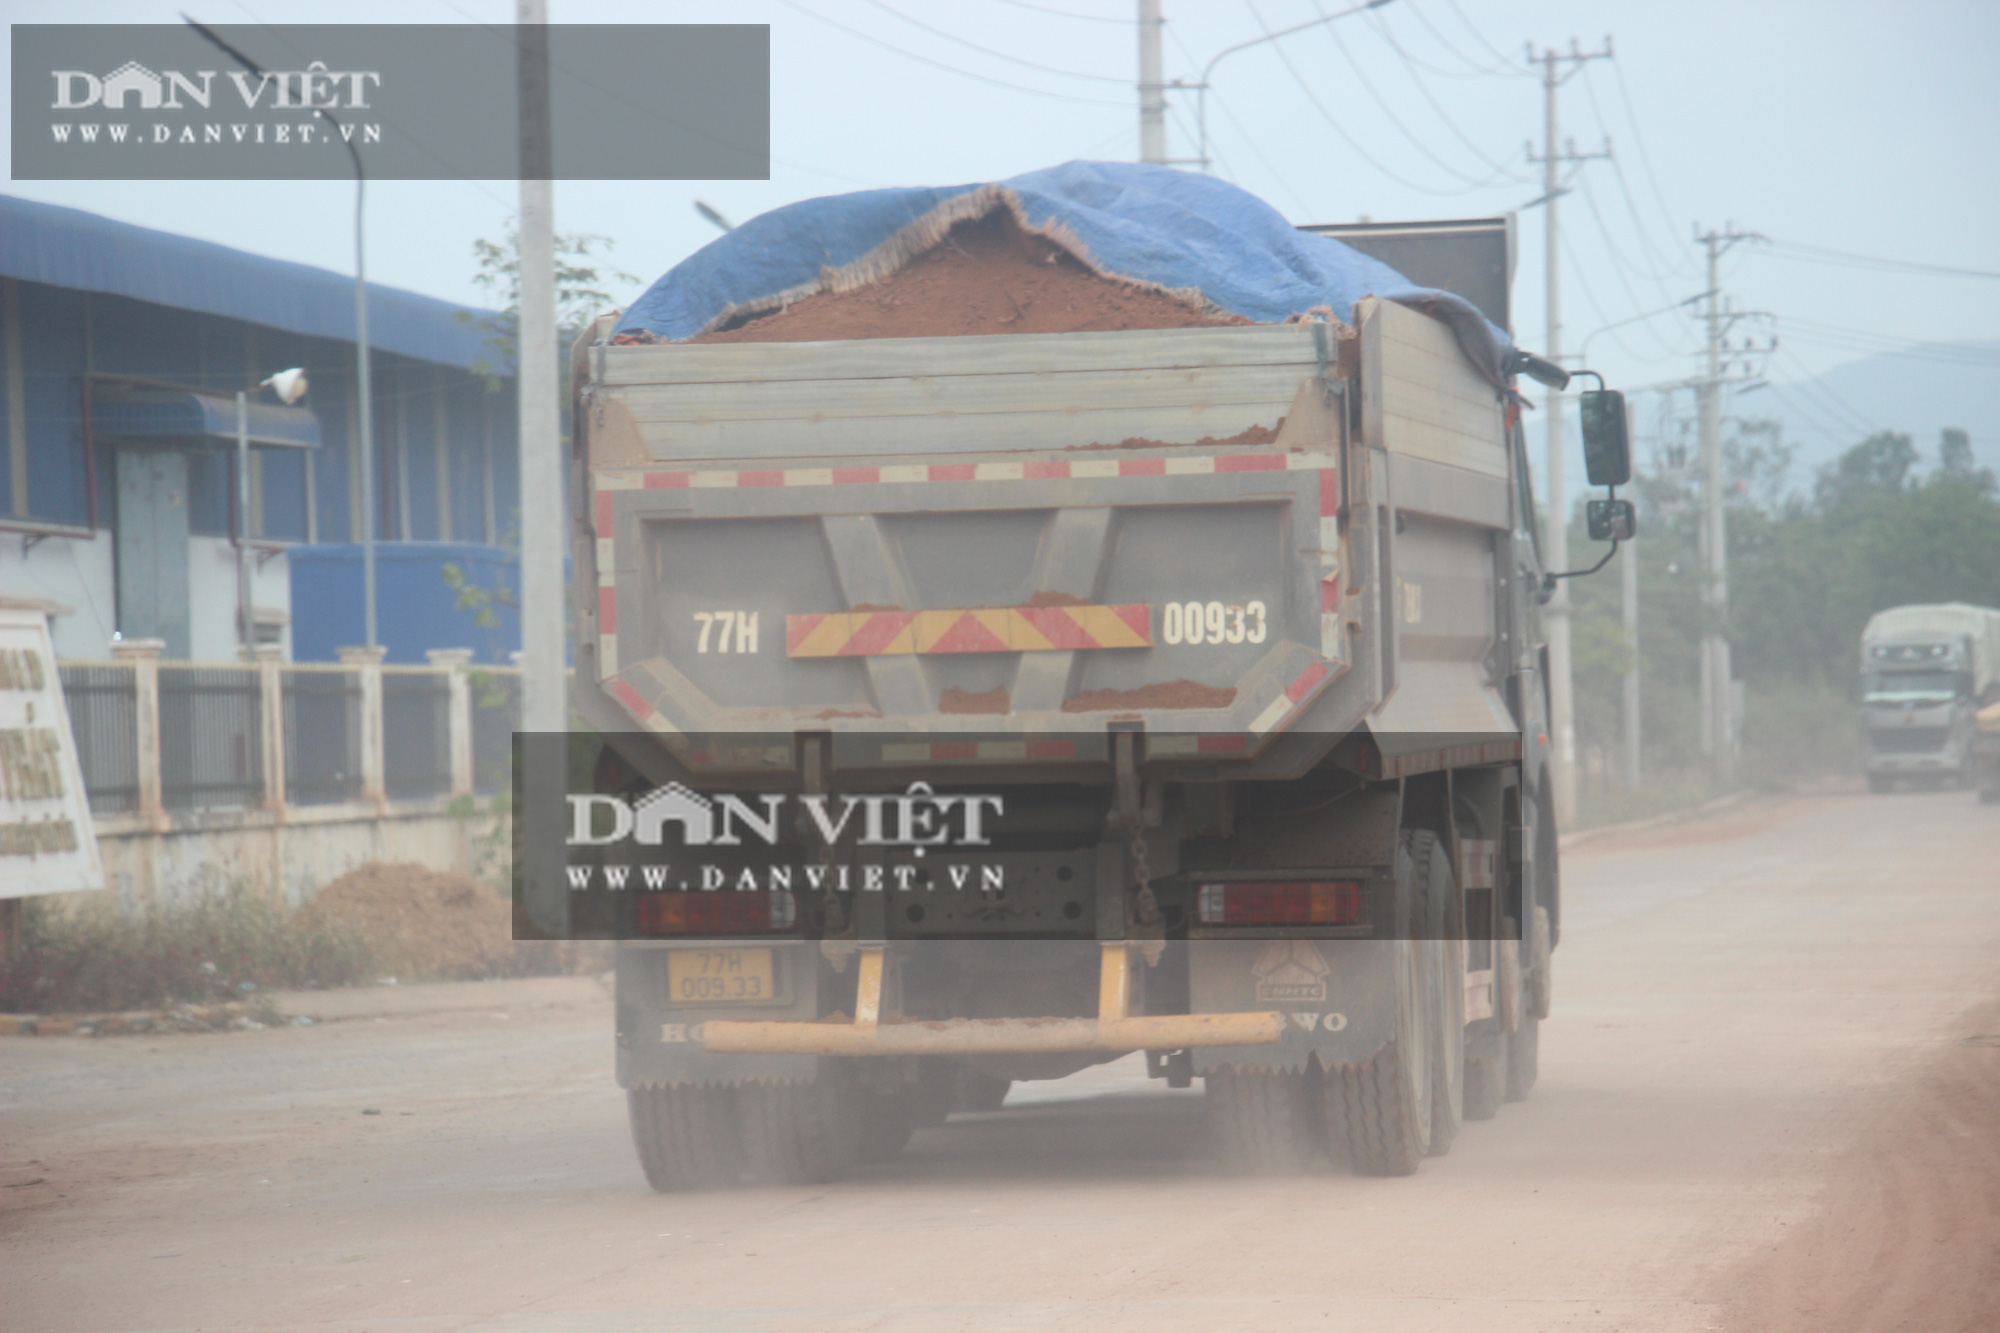 """Đoàn xe hổ vồ logo Bá Sanh Đường """"tung hoành"""" ở Thị xã Hoài Nhơn: Chẳng lẽ """"bó tay""""? - Ảnh 2."""